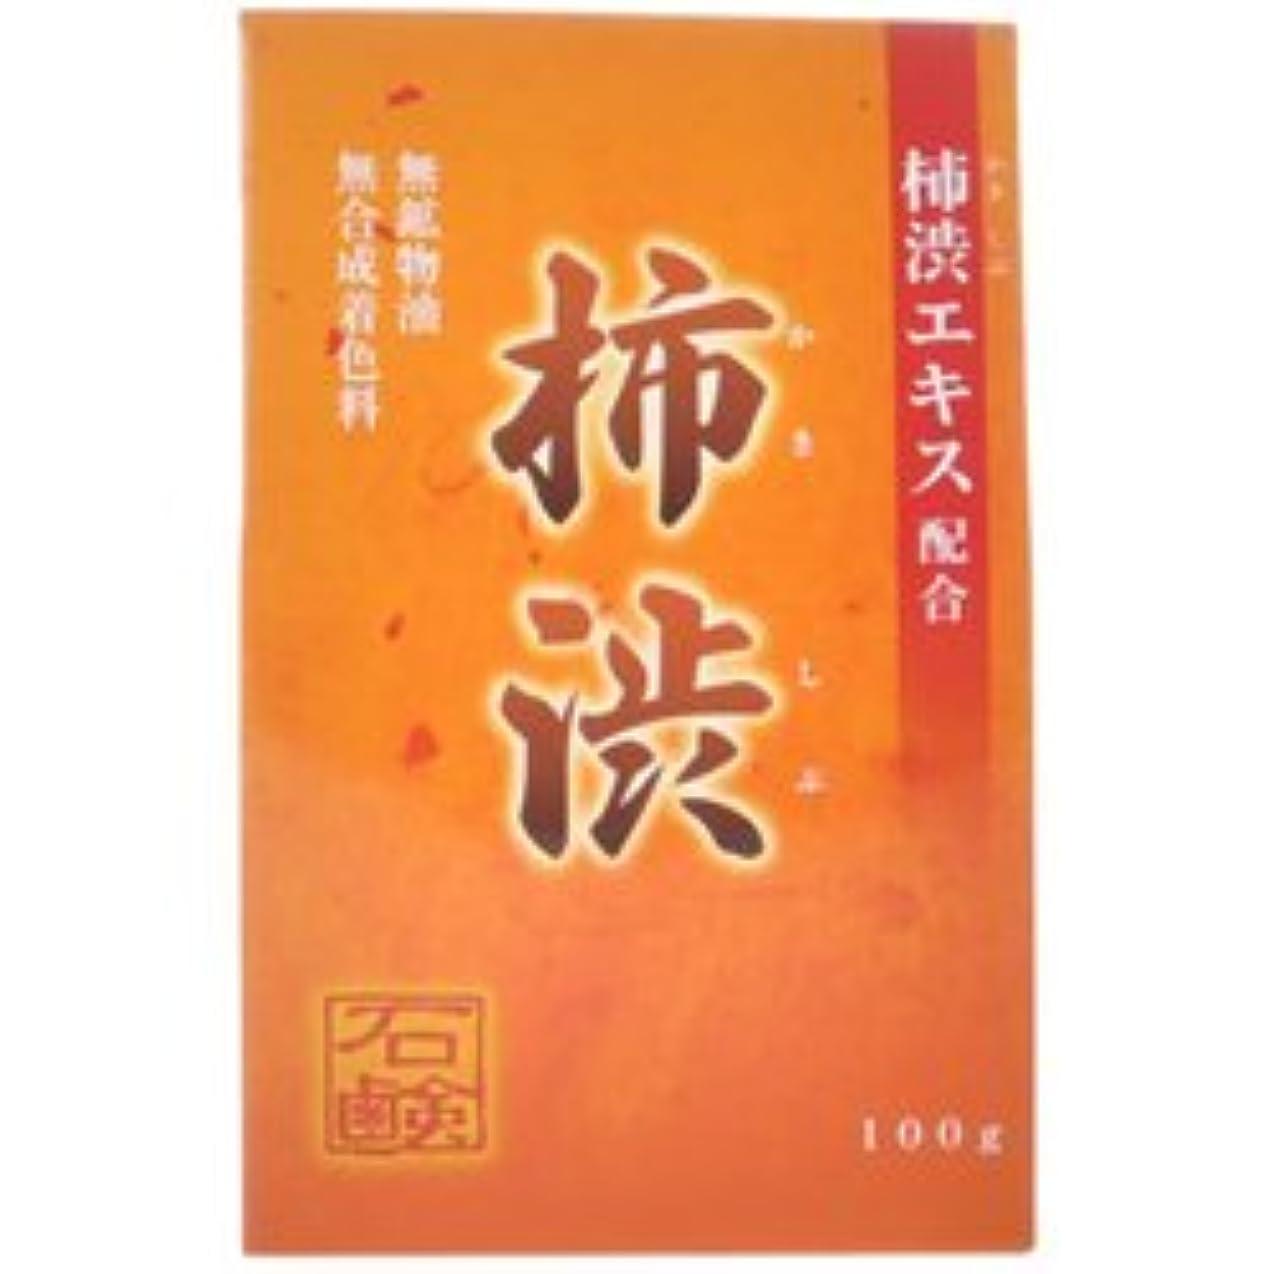 ペダル洗練された額【アール?エイチ?ビープロダクト】新 柿渋石鹸 100g ×3個セット